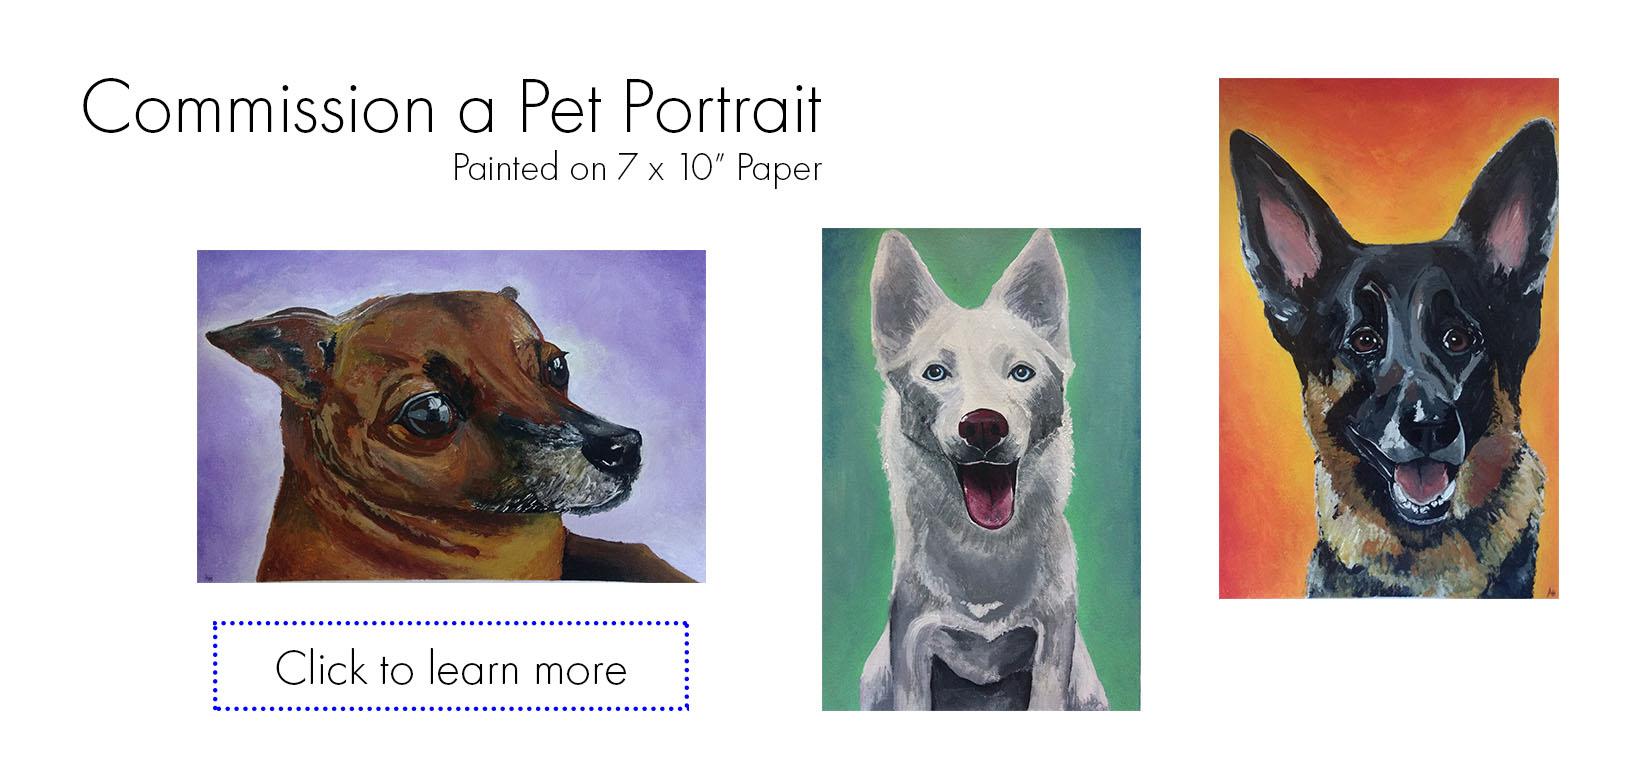 commission a pet portrait.jpg